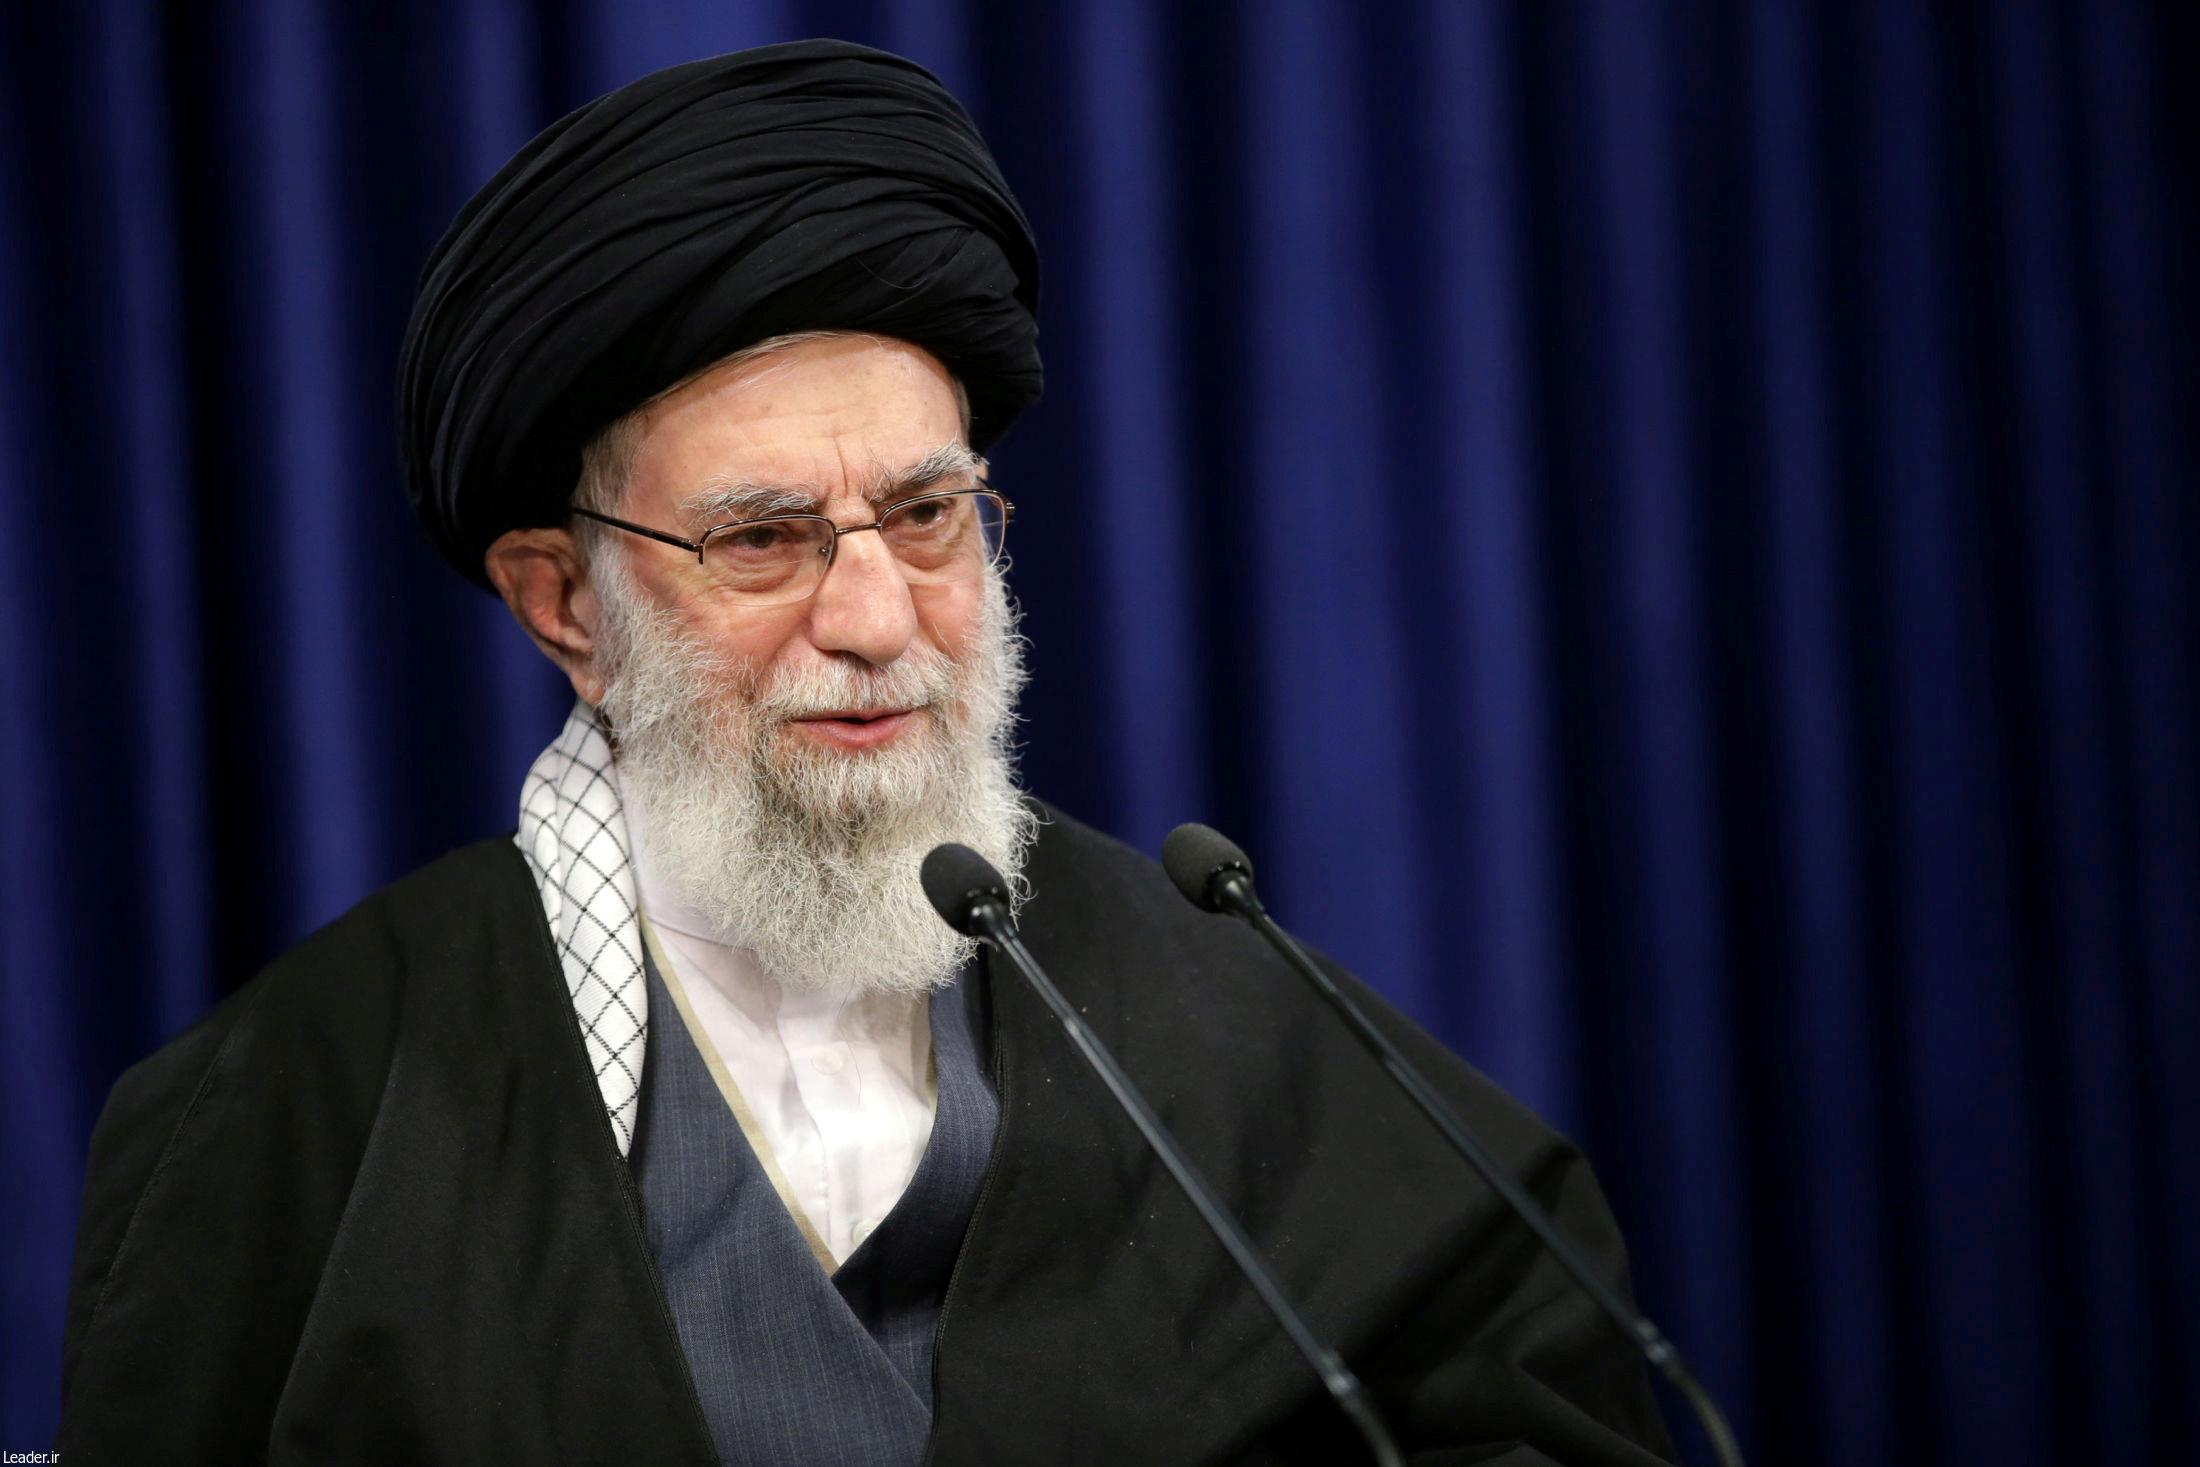 Nucléaire : l'Iran «compromet» le retour à la diplomatie avec ses violations de l'accord, estiment Paris, Londres et Berlin